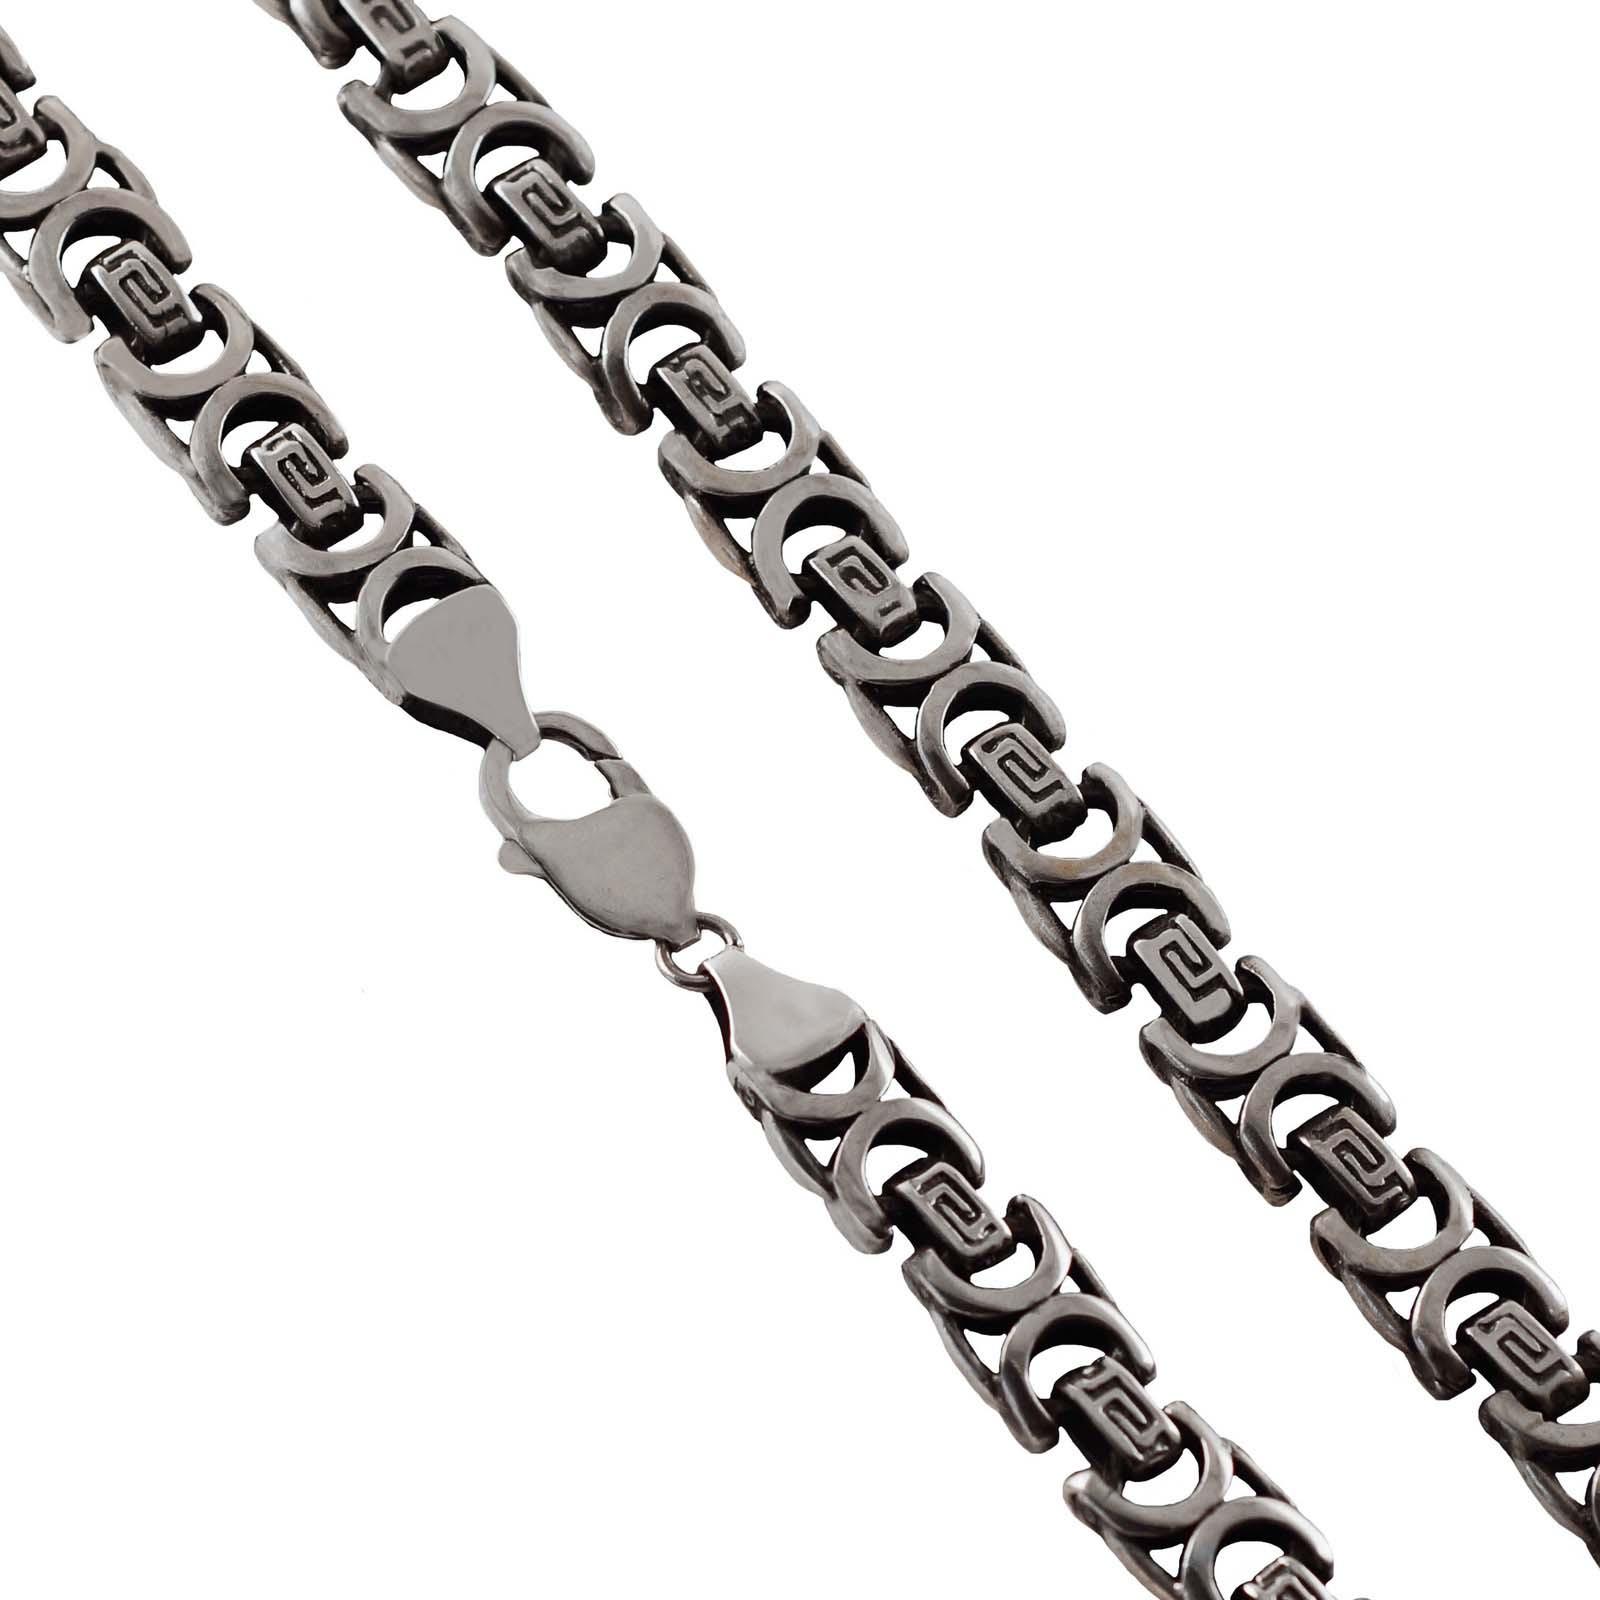 Цепь Диадема, серебро 925, 60 см, CH-312СереброЭто фантазийное плетение комфортно в повседневной носке, очень прочное. Смотрится поистине благородно и привлекает всеобщее внимание. Ширина плетения 10 мм. Покрытие - оксидирование. Надёжная застёжка карабин с запаянным соединительным кольцом.